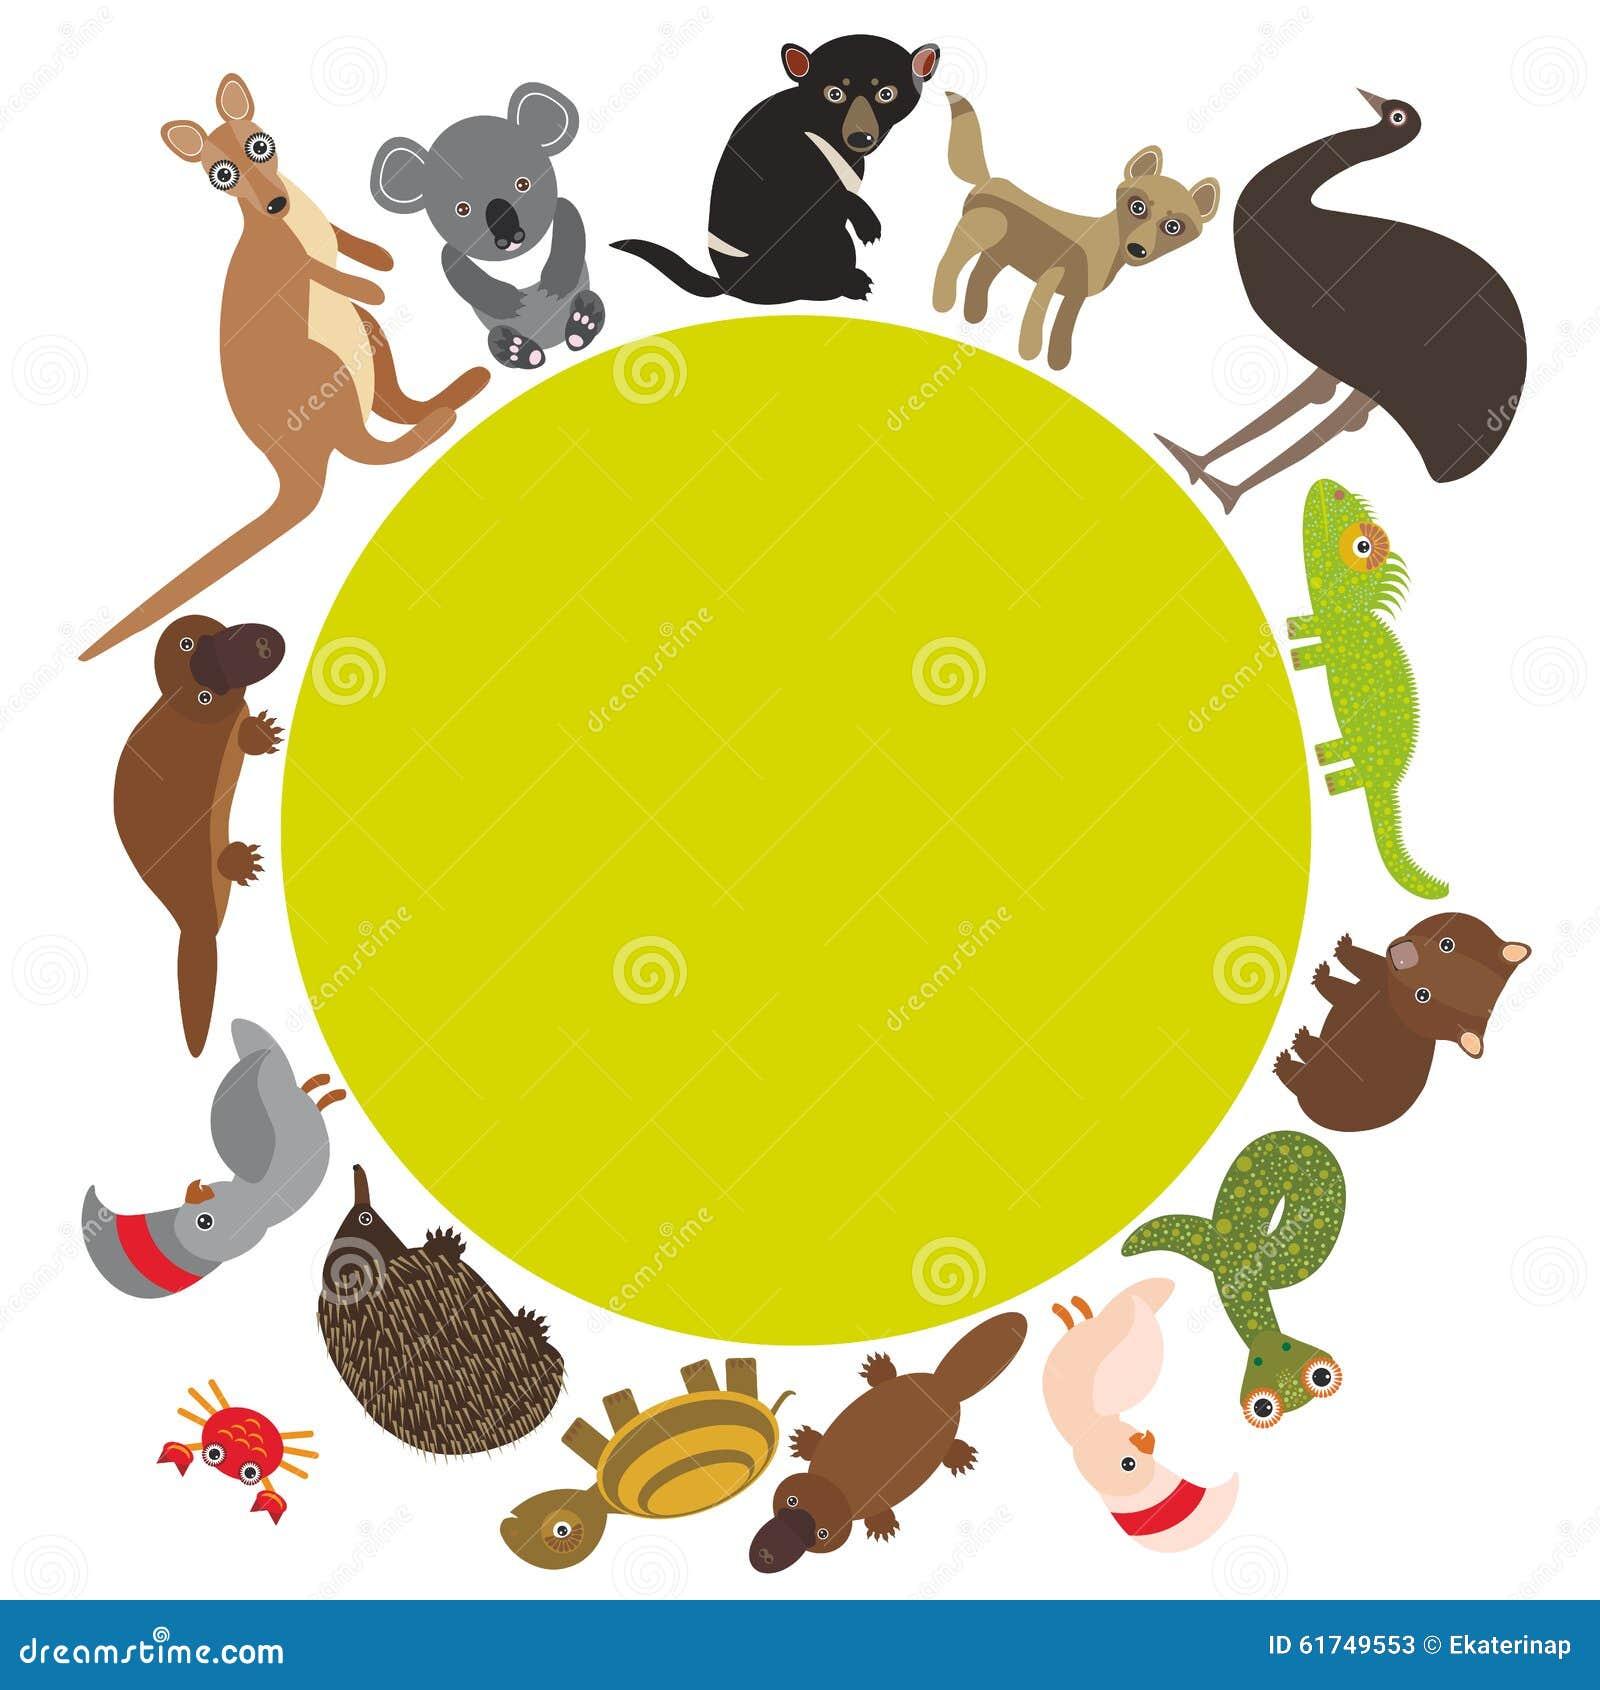 Runder Rahmen Für Text Tiere Australien: Echidna Vektor Abbildung ...